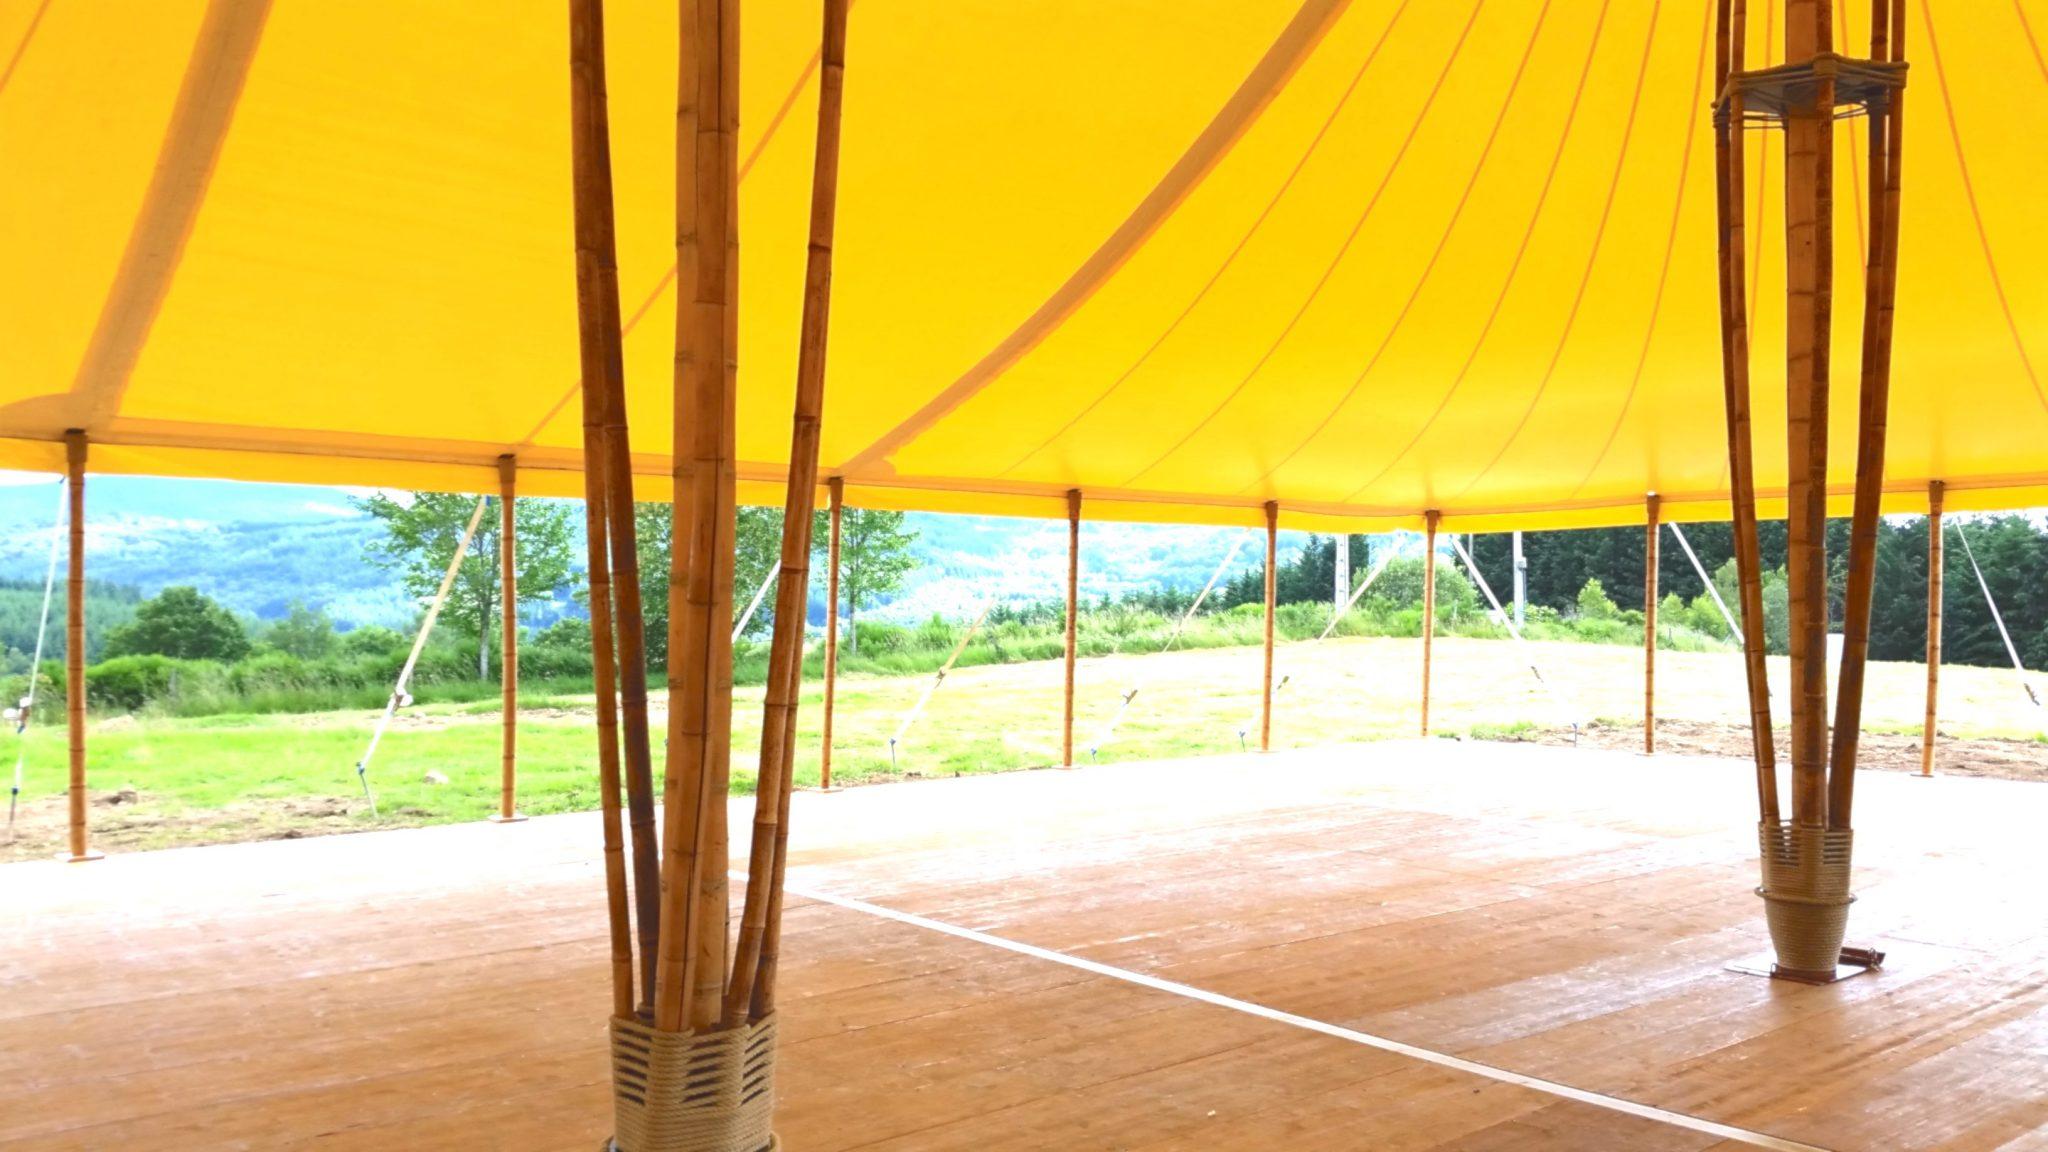 Location tente bambou à Viscomtat, Puy-de-Dôme,Auvergne- Rhône-Alpes